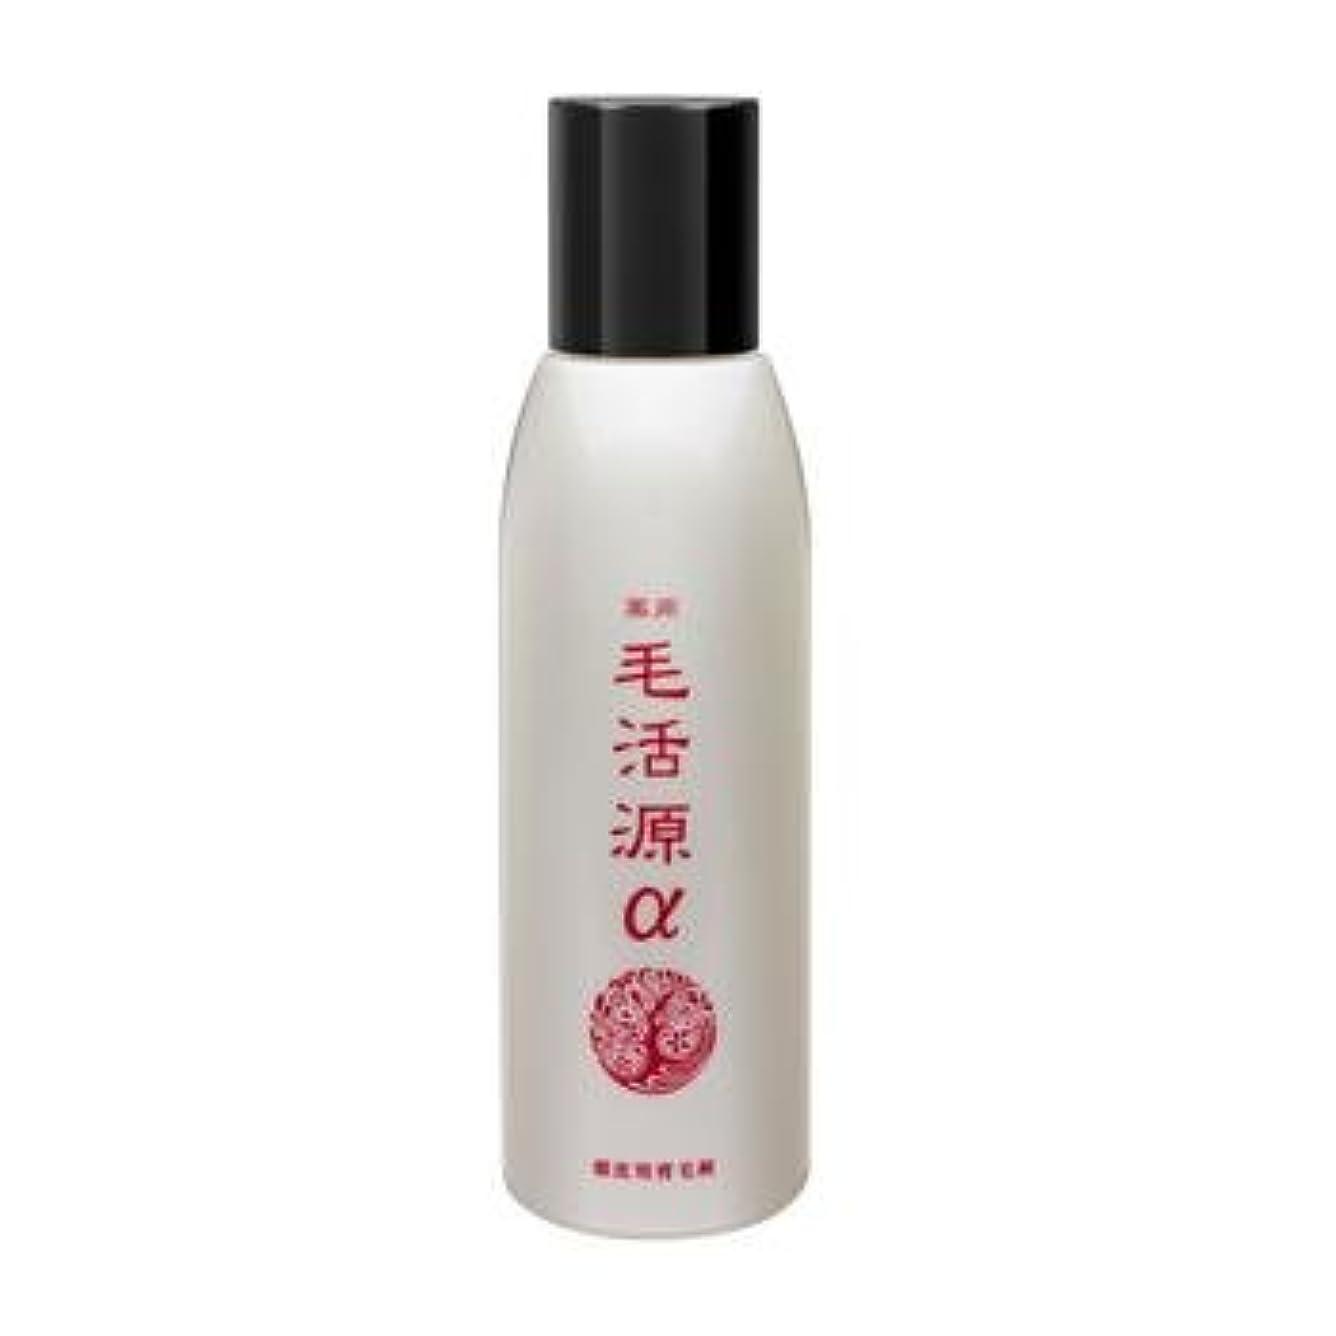 ハイム化粧品/薬用毛活源α【ボディケア?ヘアケア】新容器